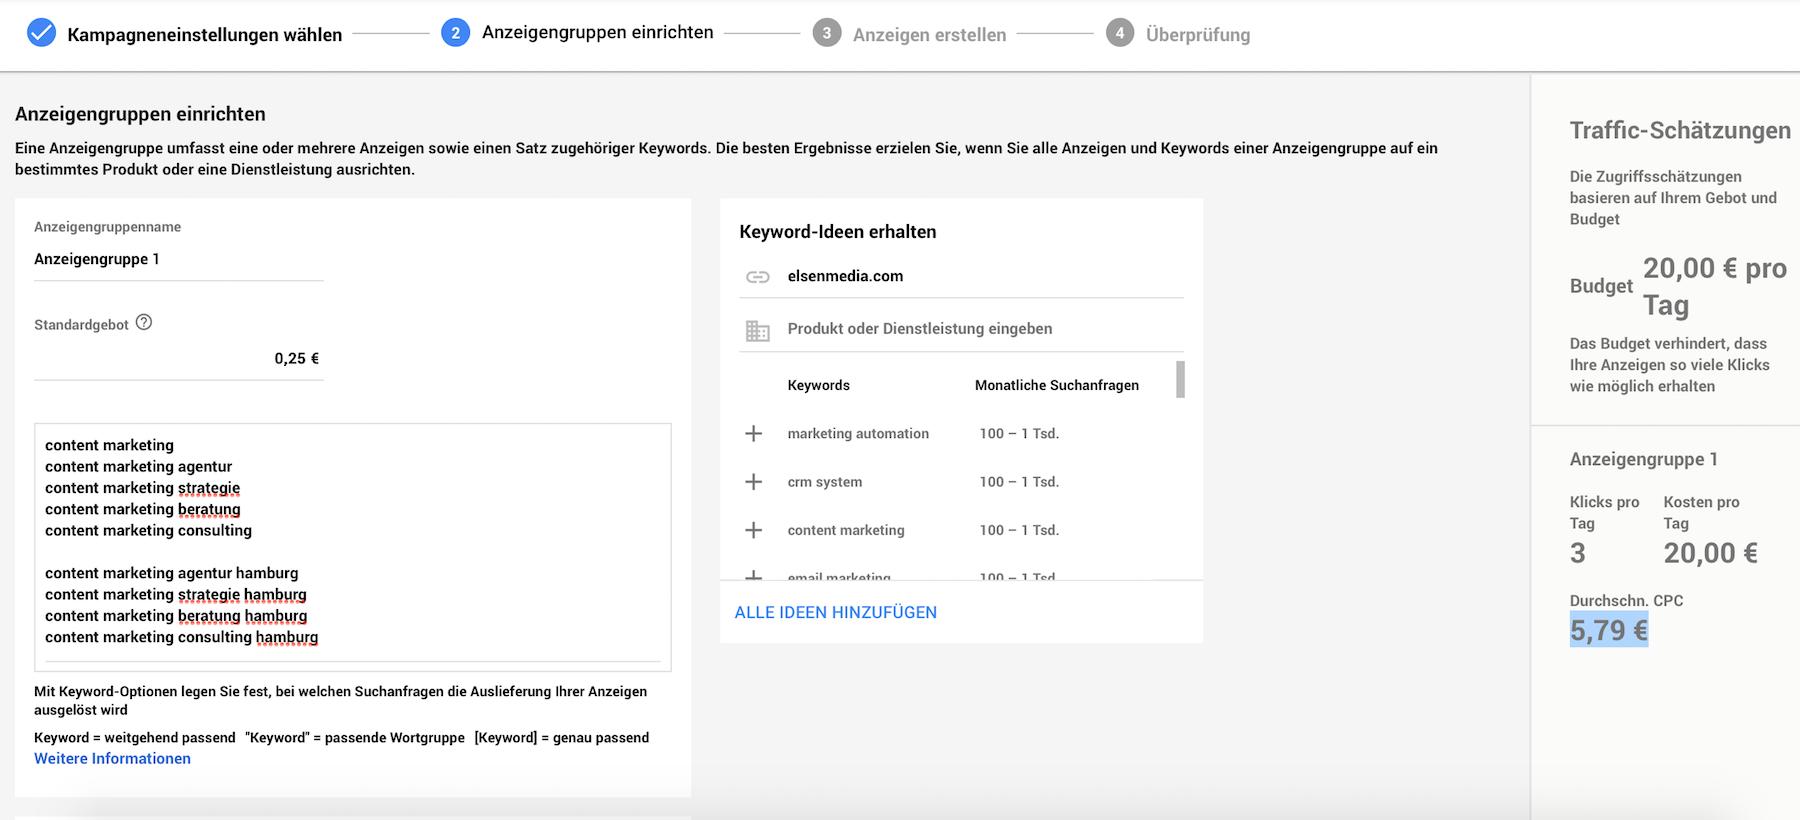 AdWords Anzeigengruppen einrichten und Keywords festlegen